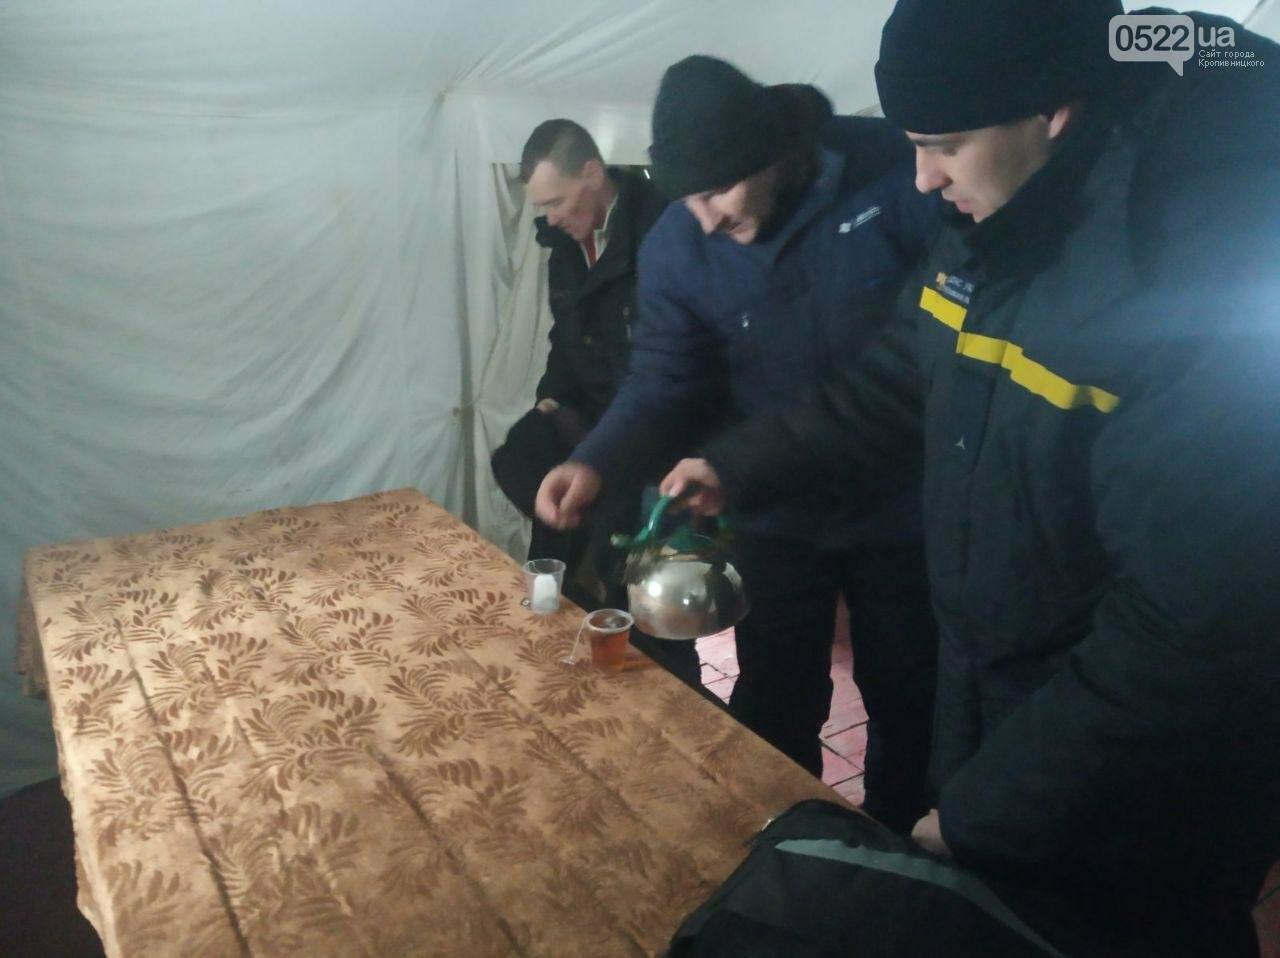 Більше тисячі жителів Світловодська отримали допомогу від рятівників, фото-1